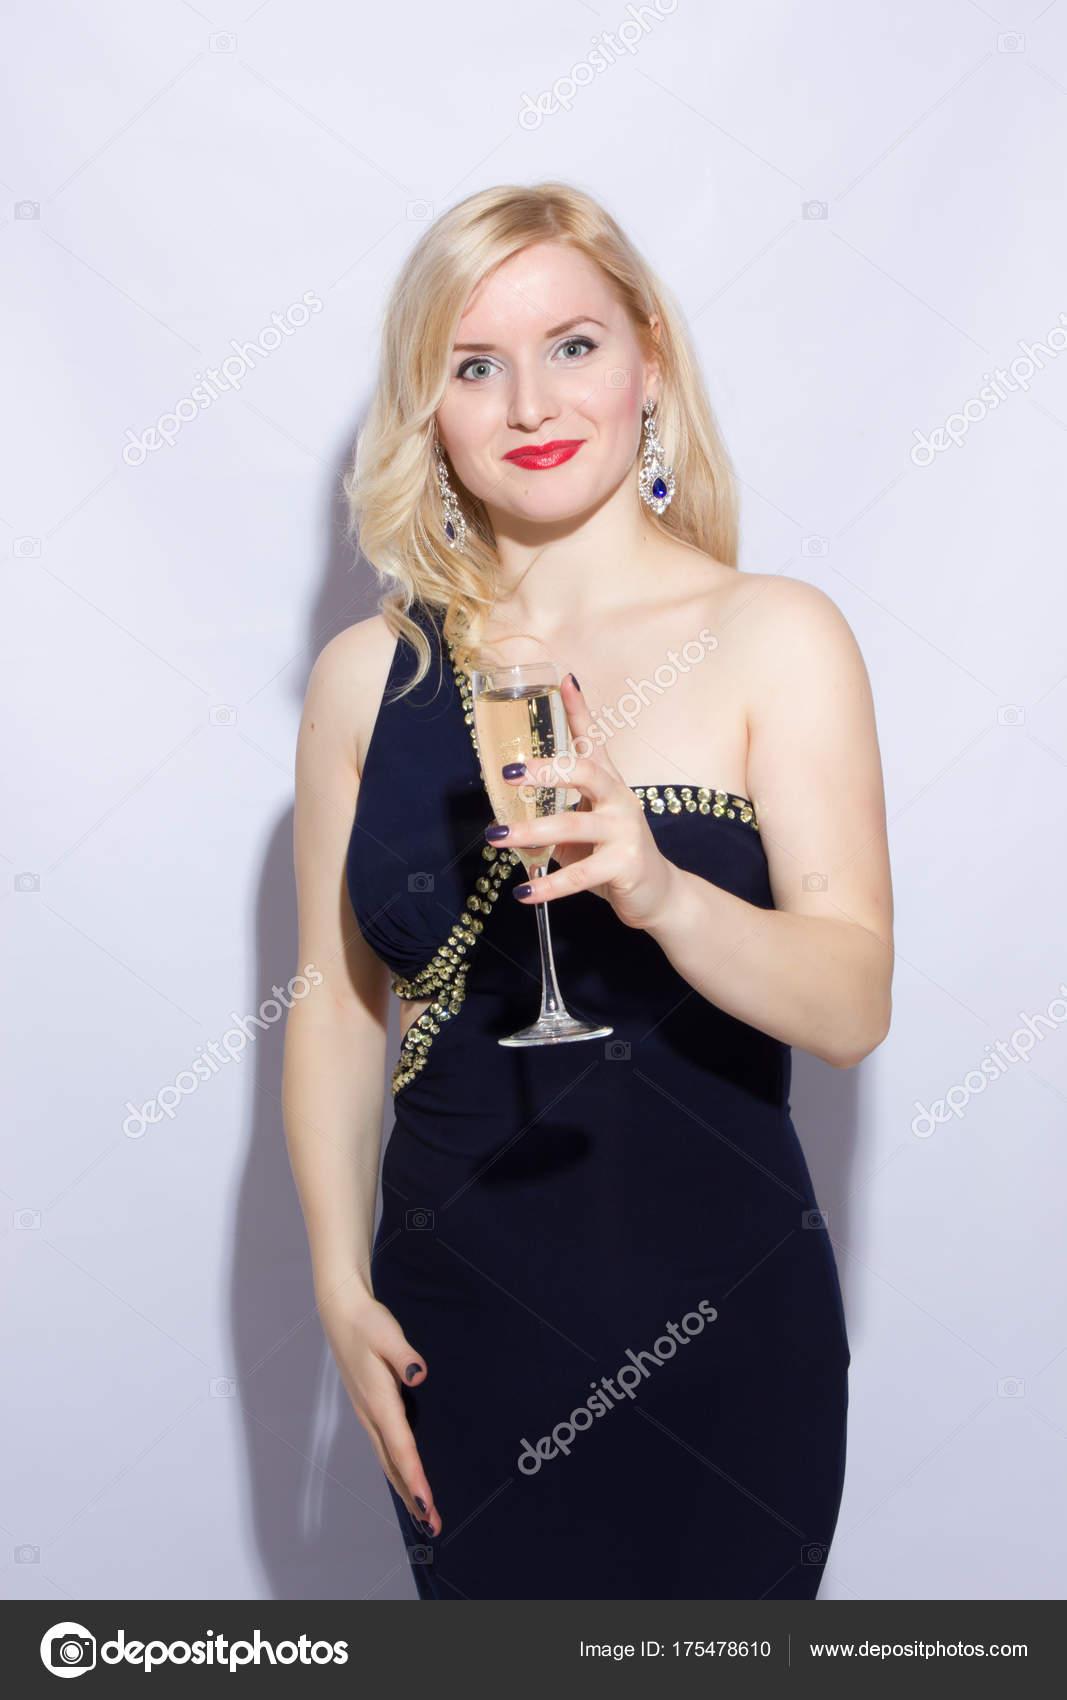 Retrato Estudio Una Hermosa Joven Rubia Vestido Largo Azul Noche